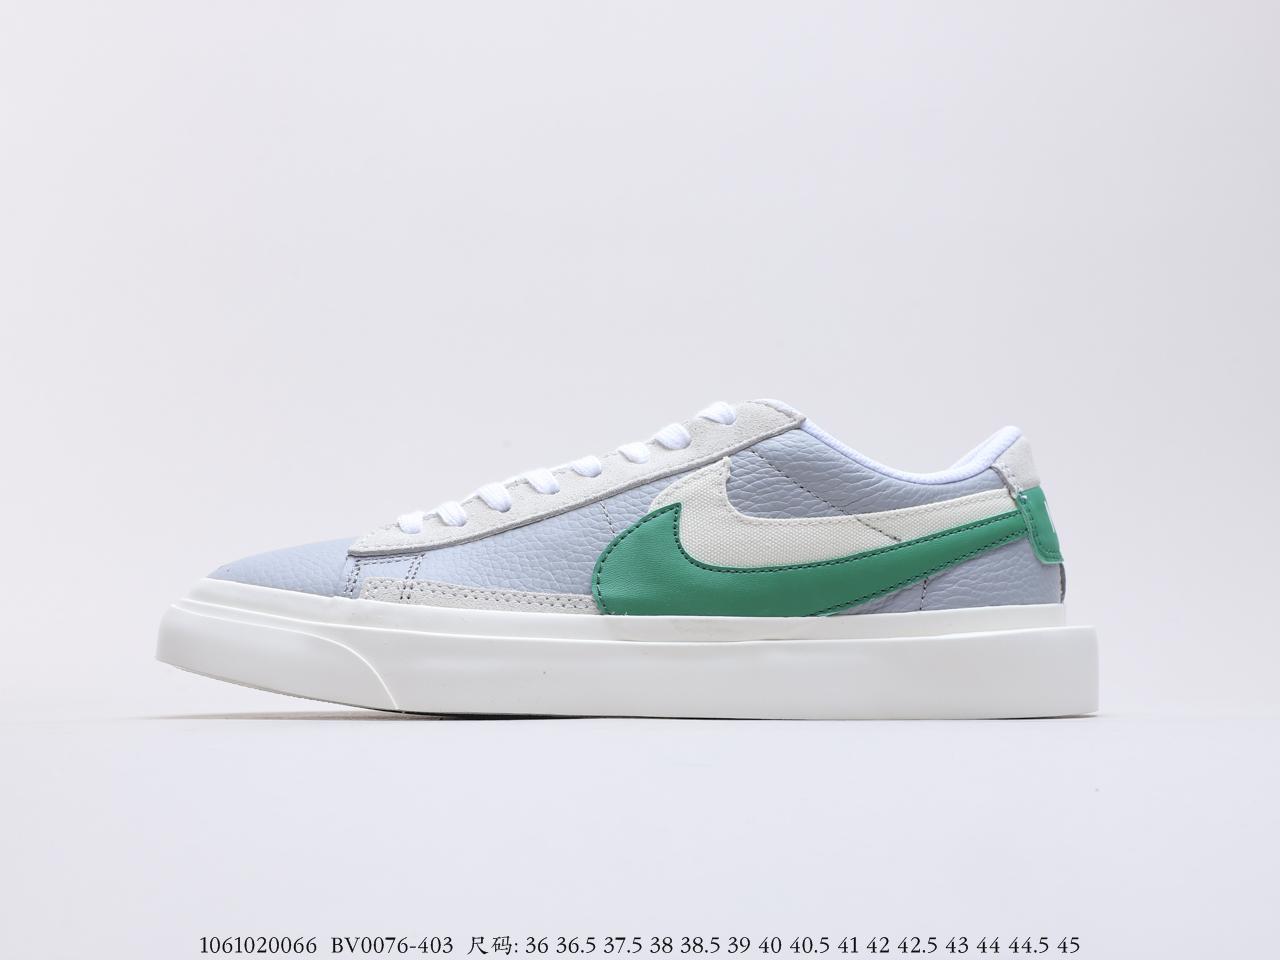 耐克Sacai X Nike Blazer Low板鞋 起初作为Nike 推出的篮球鞋款